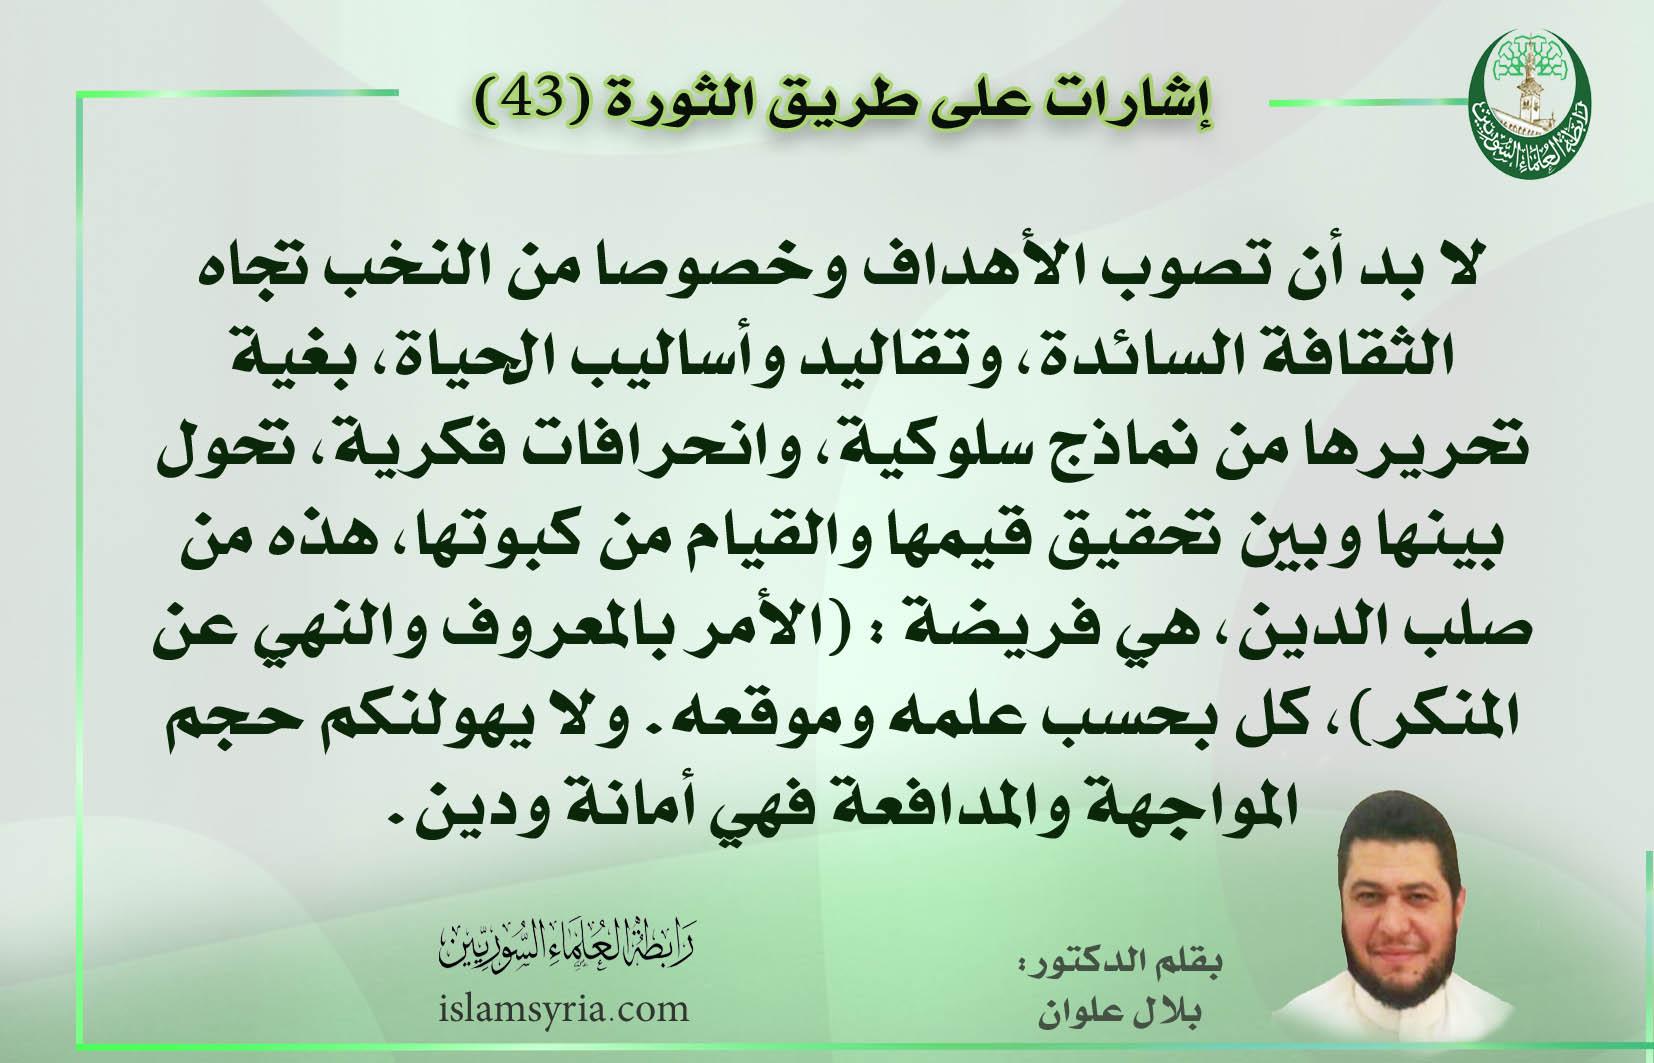 إشارات على طريق الثورة 43||د.بلال علوان